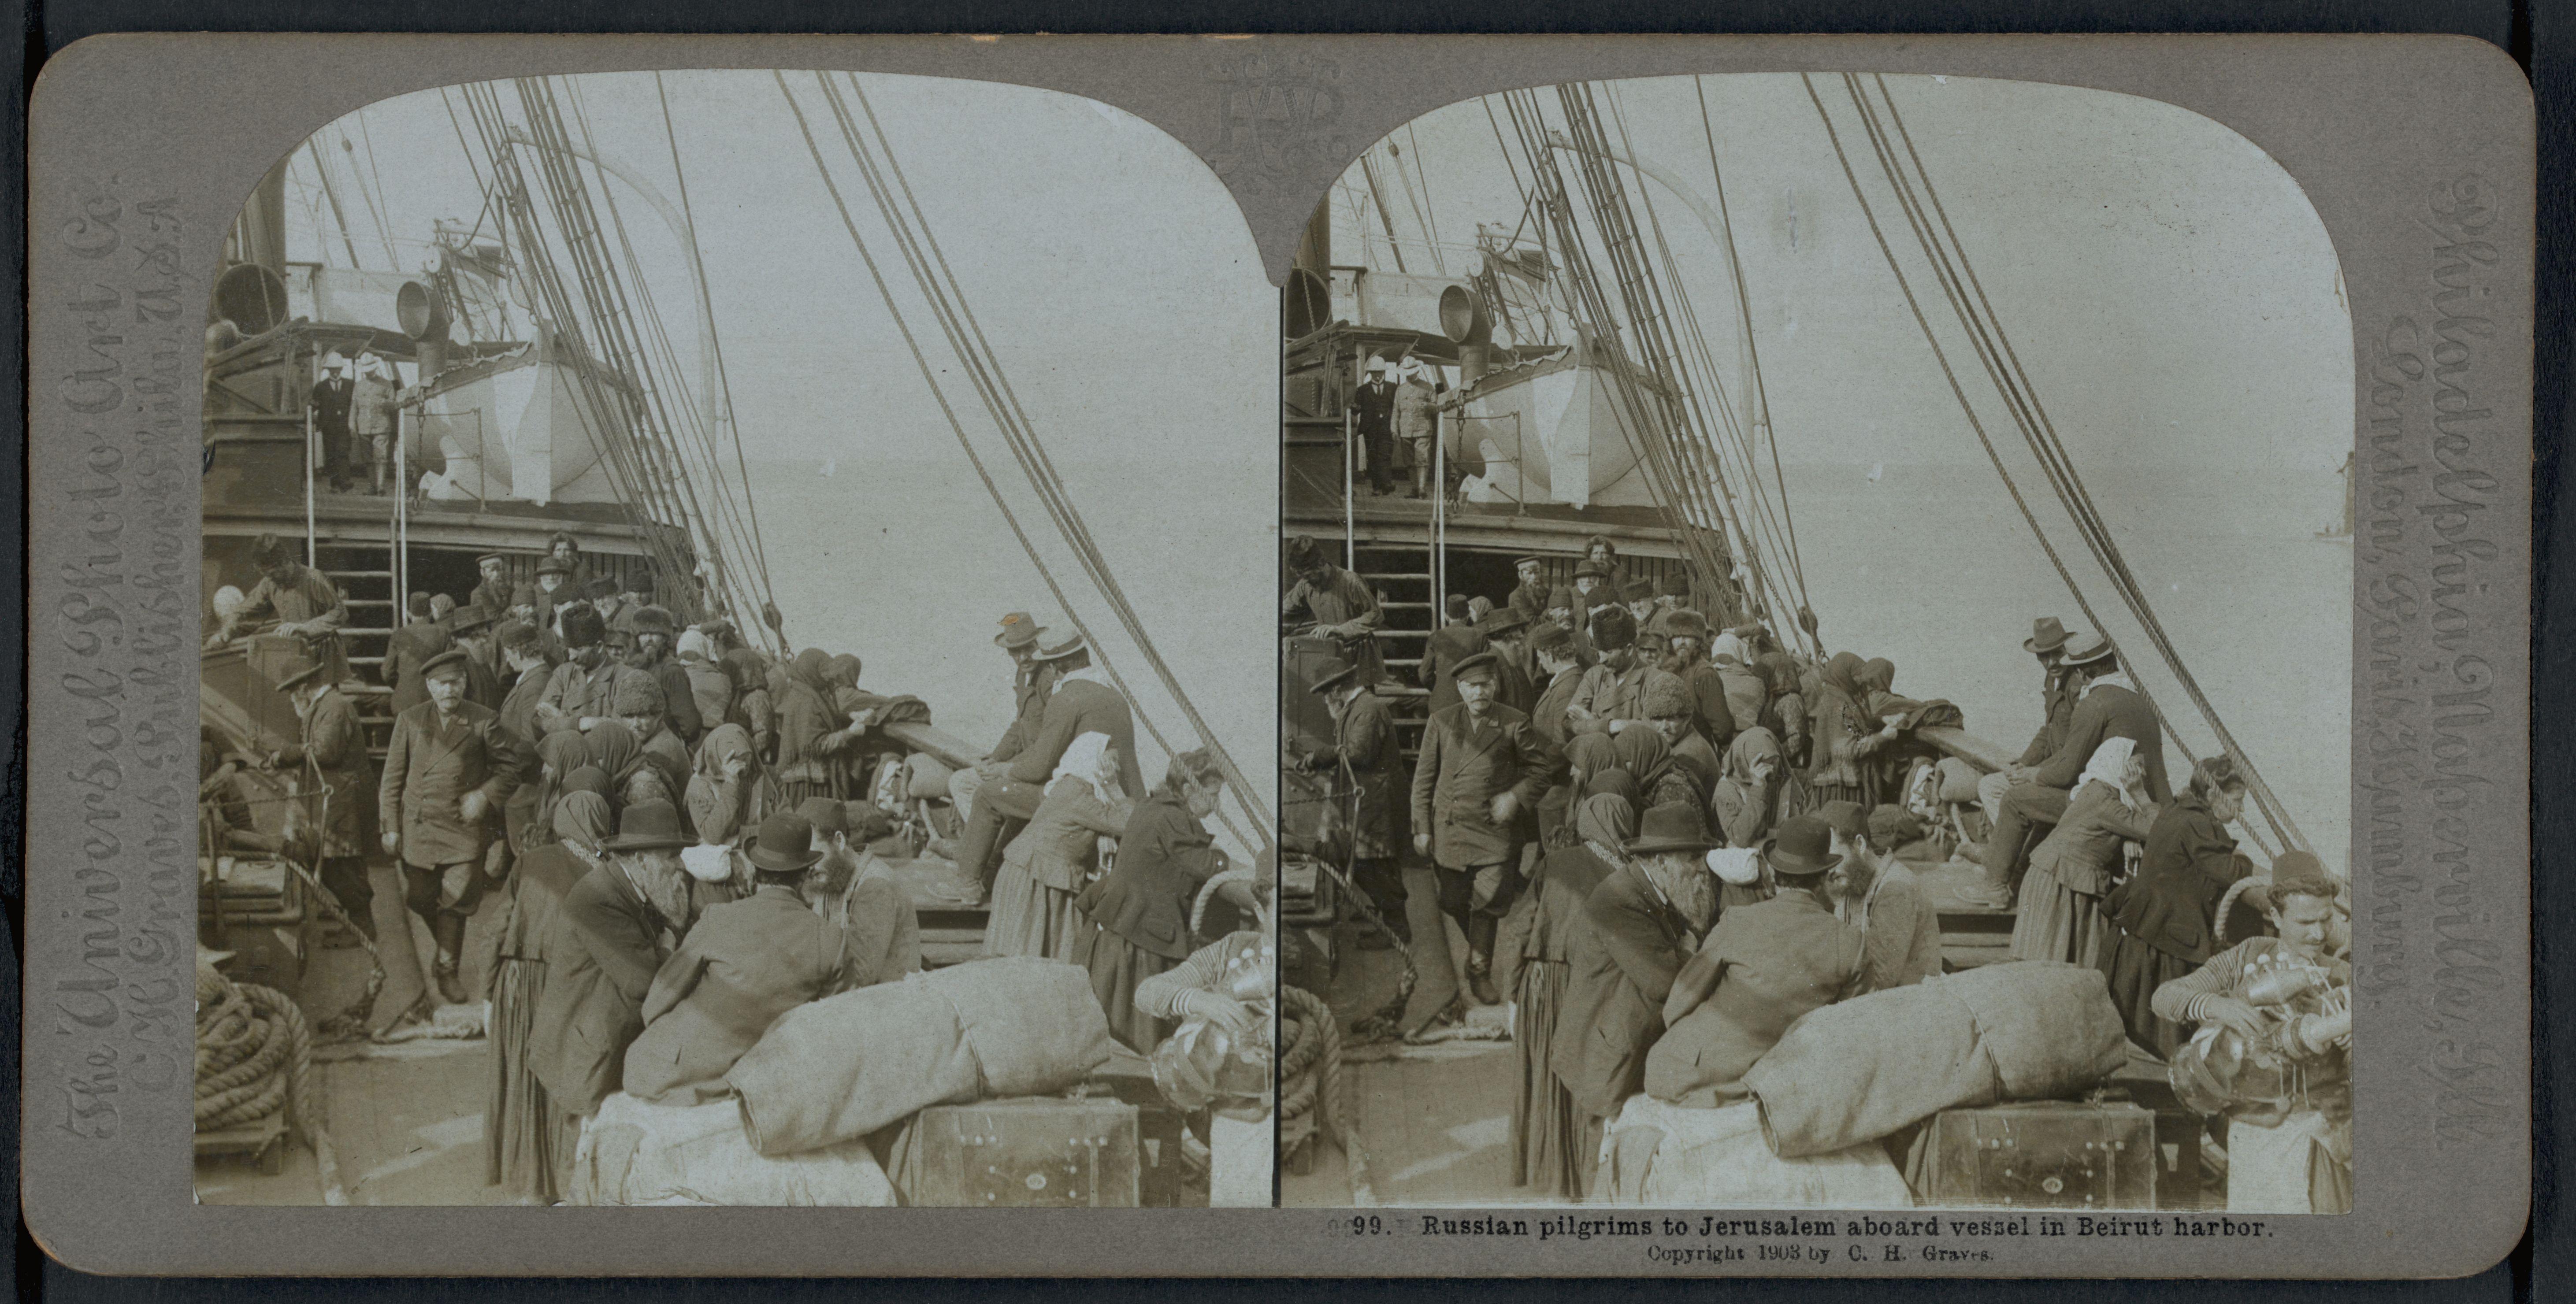 99. Русские паломники в Иерусалим на борту судна в порту Бейрута